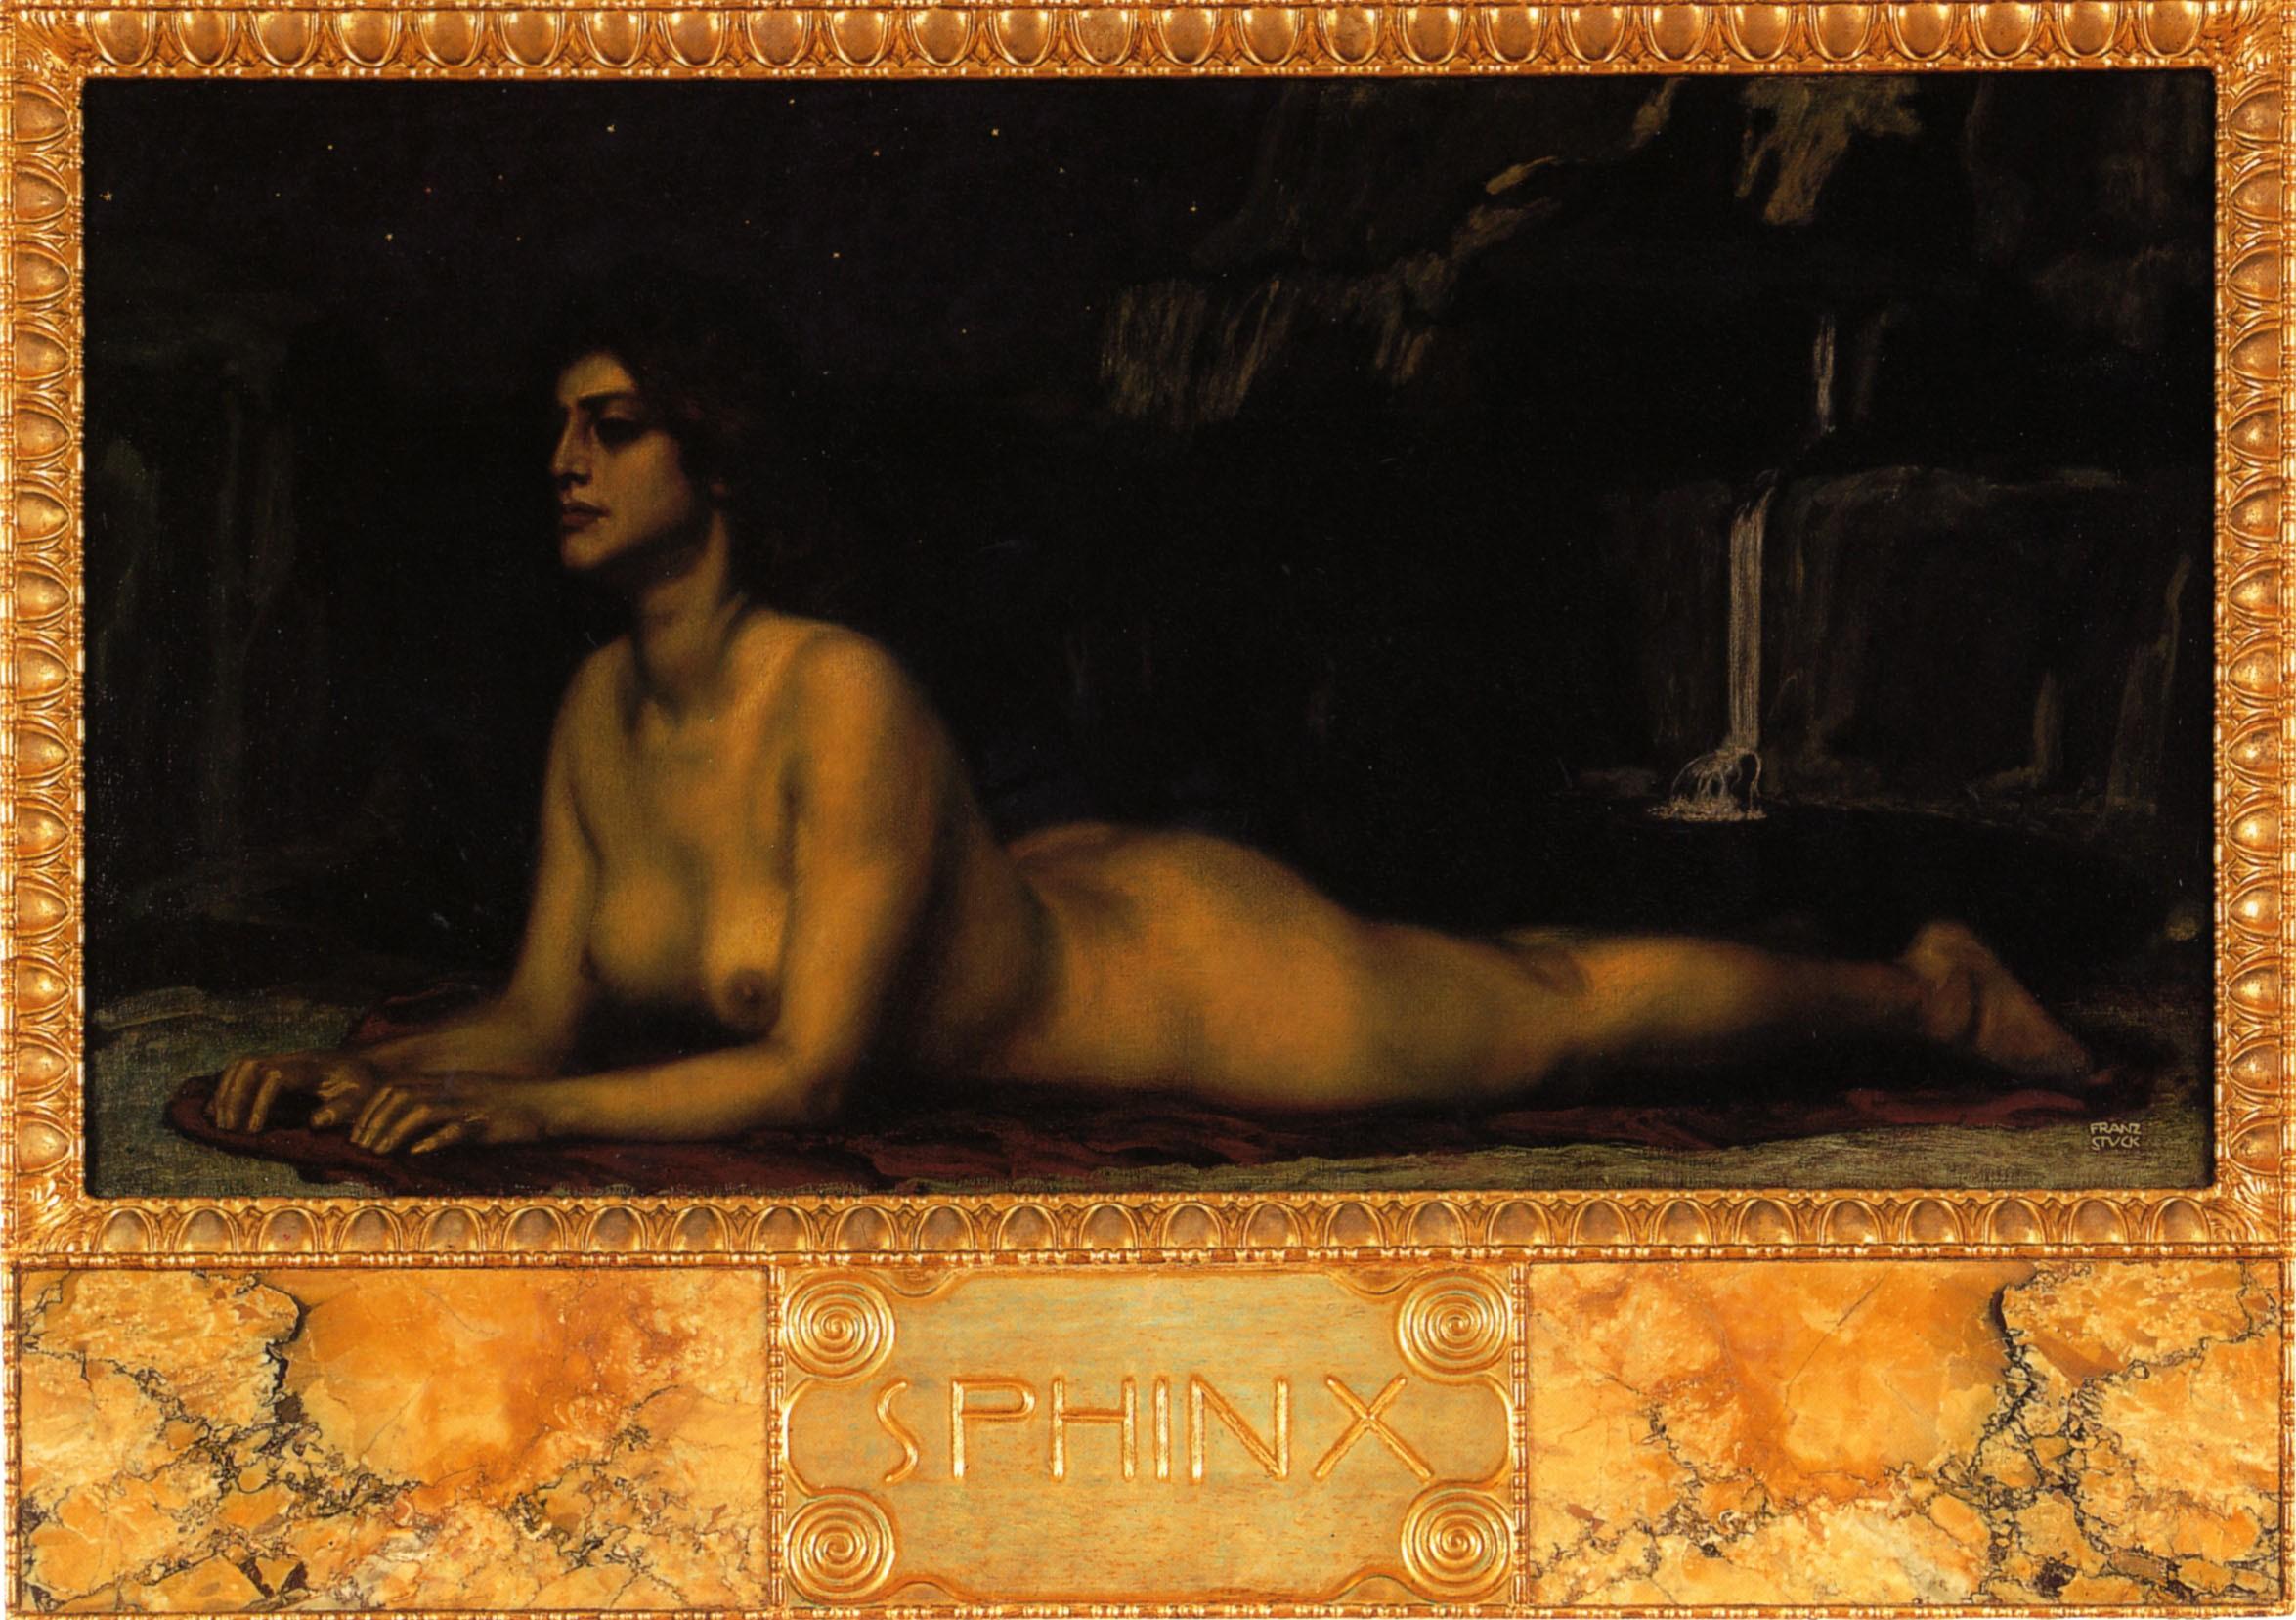 Franz_von_Stuck_Sphinx